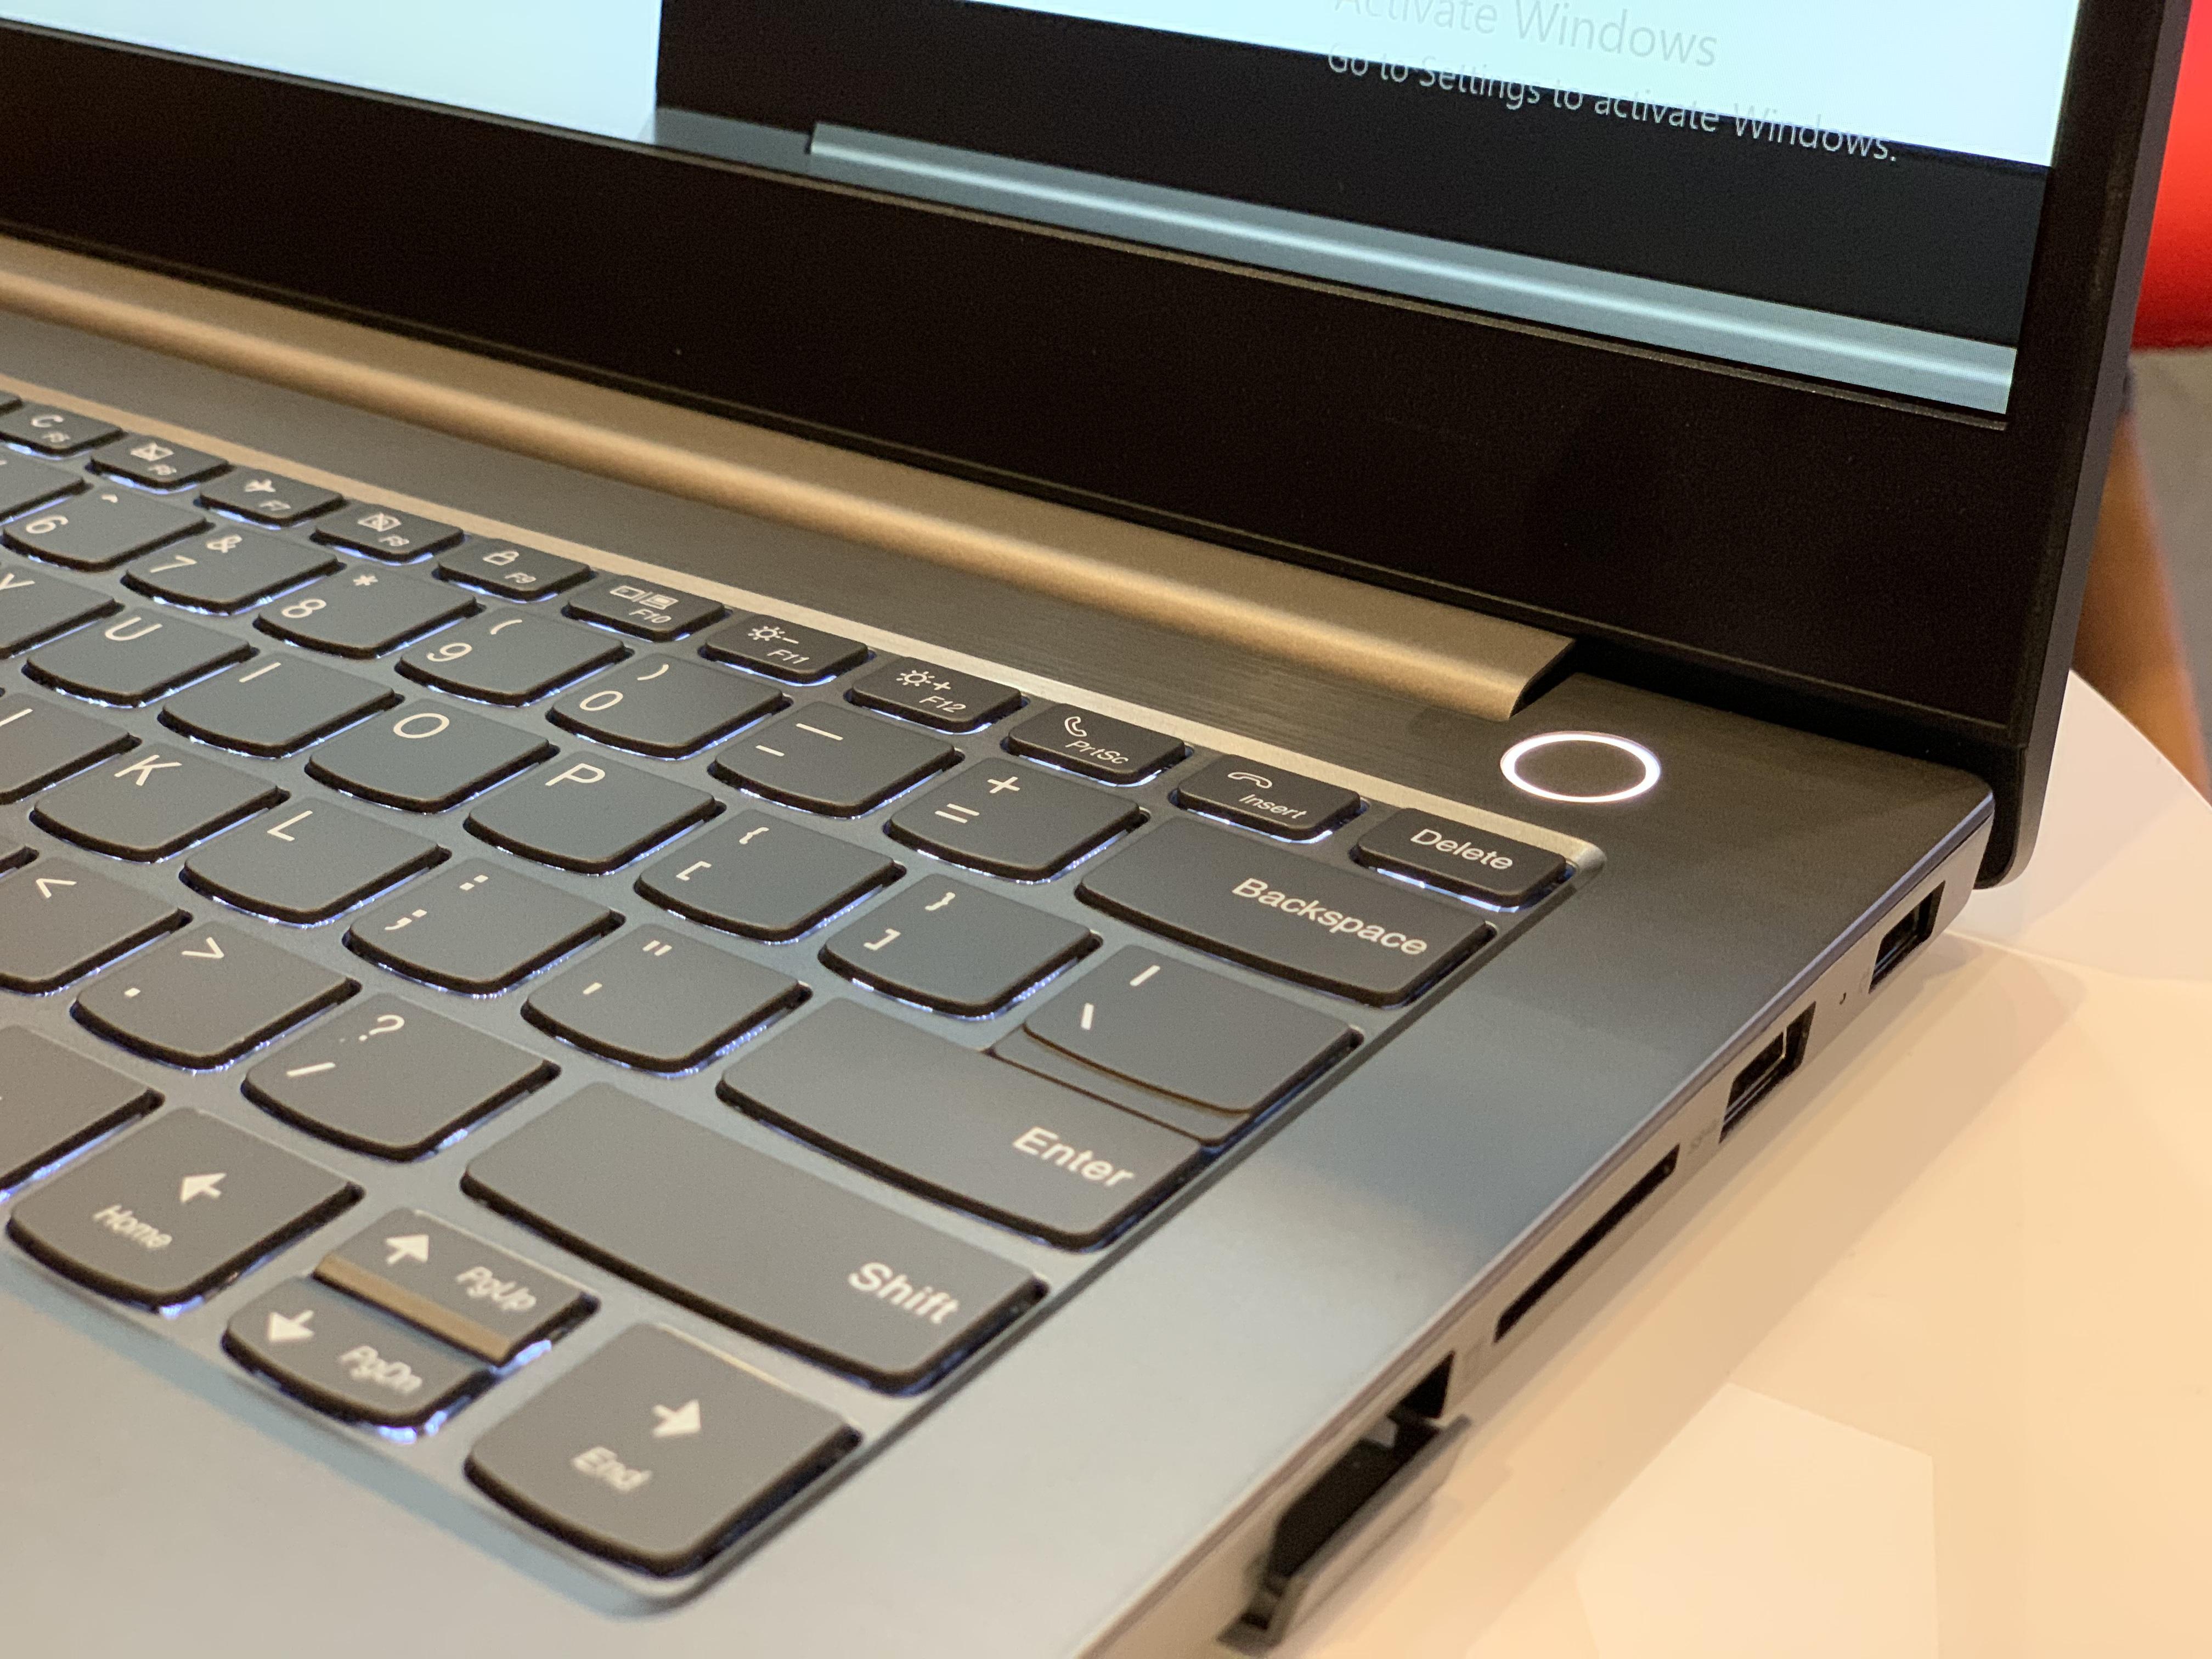 Lenovo ra mắt ThinkBook 14/15: Kiểu dáng mới, bảo mật tốt, giá từ 12 triệu đồng - 6